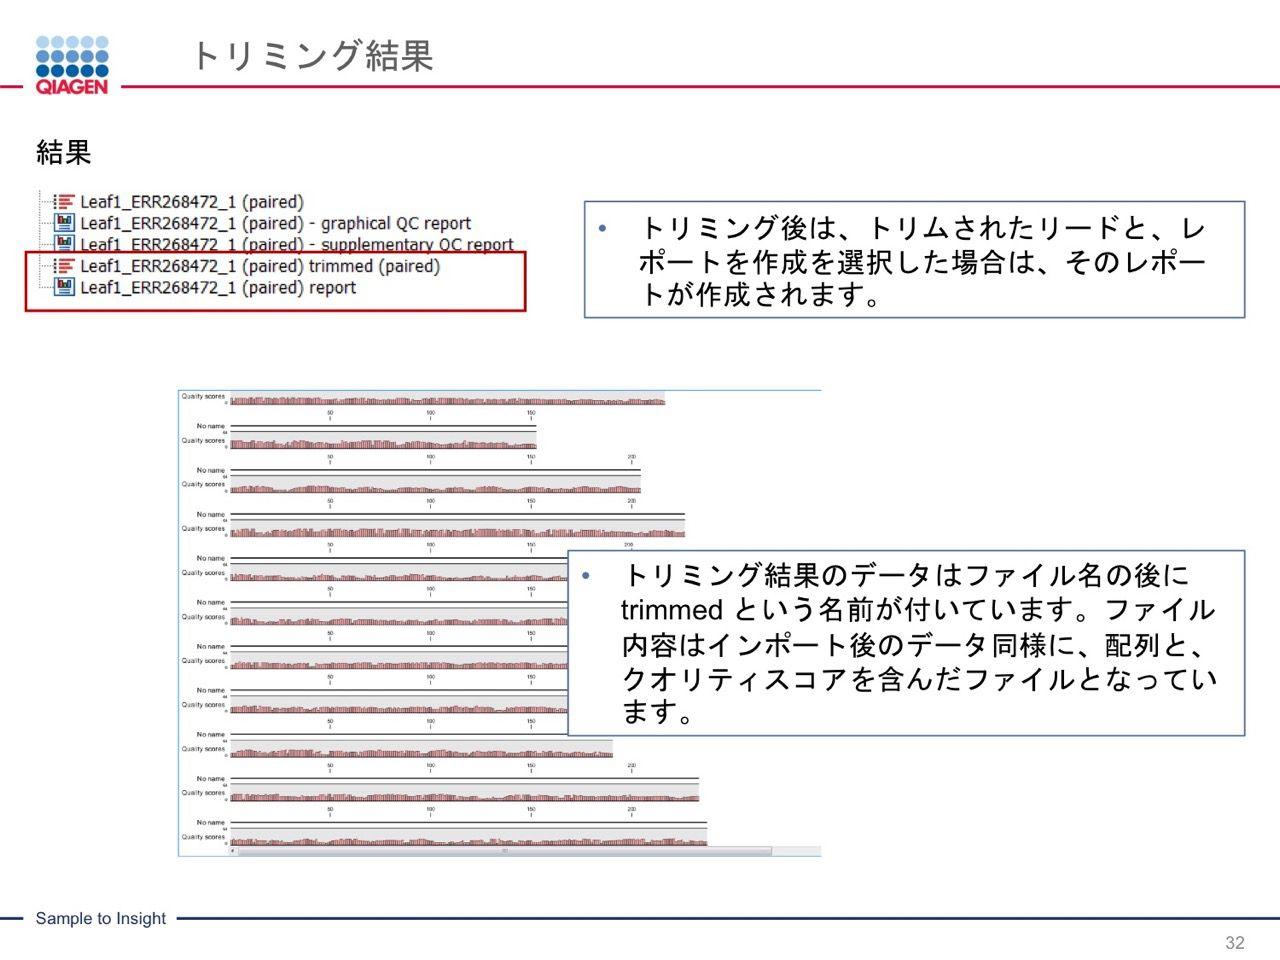 images/AJACSa2_miyamoto_032.jpg